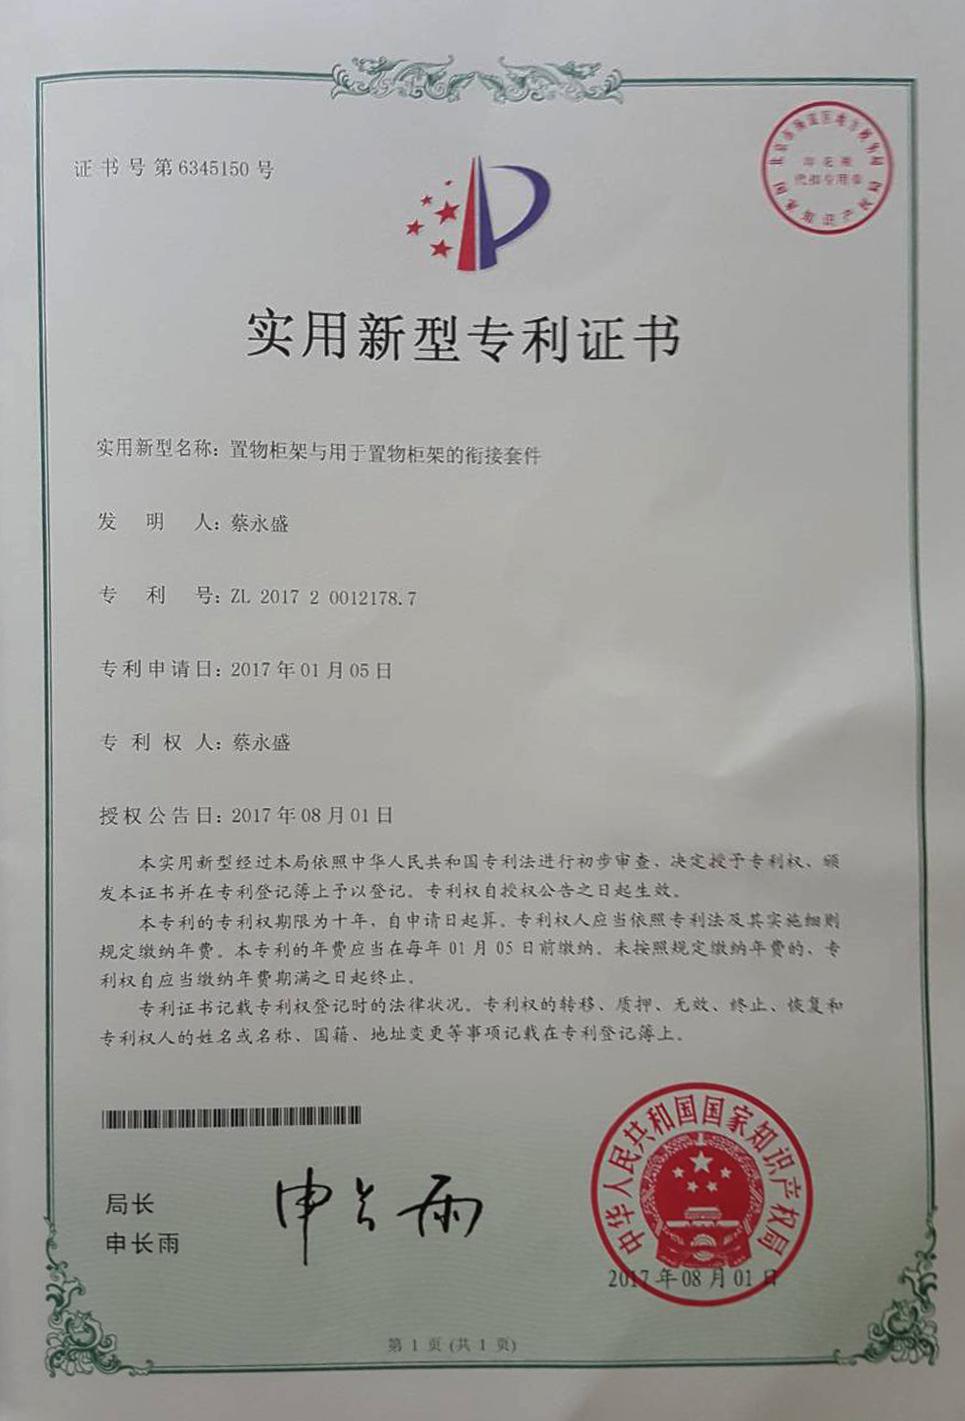 實用新型專利證書.jpg